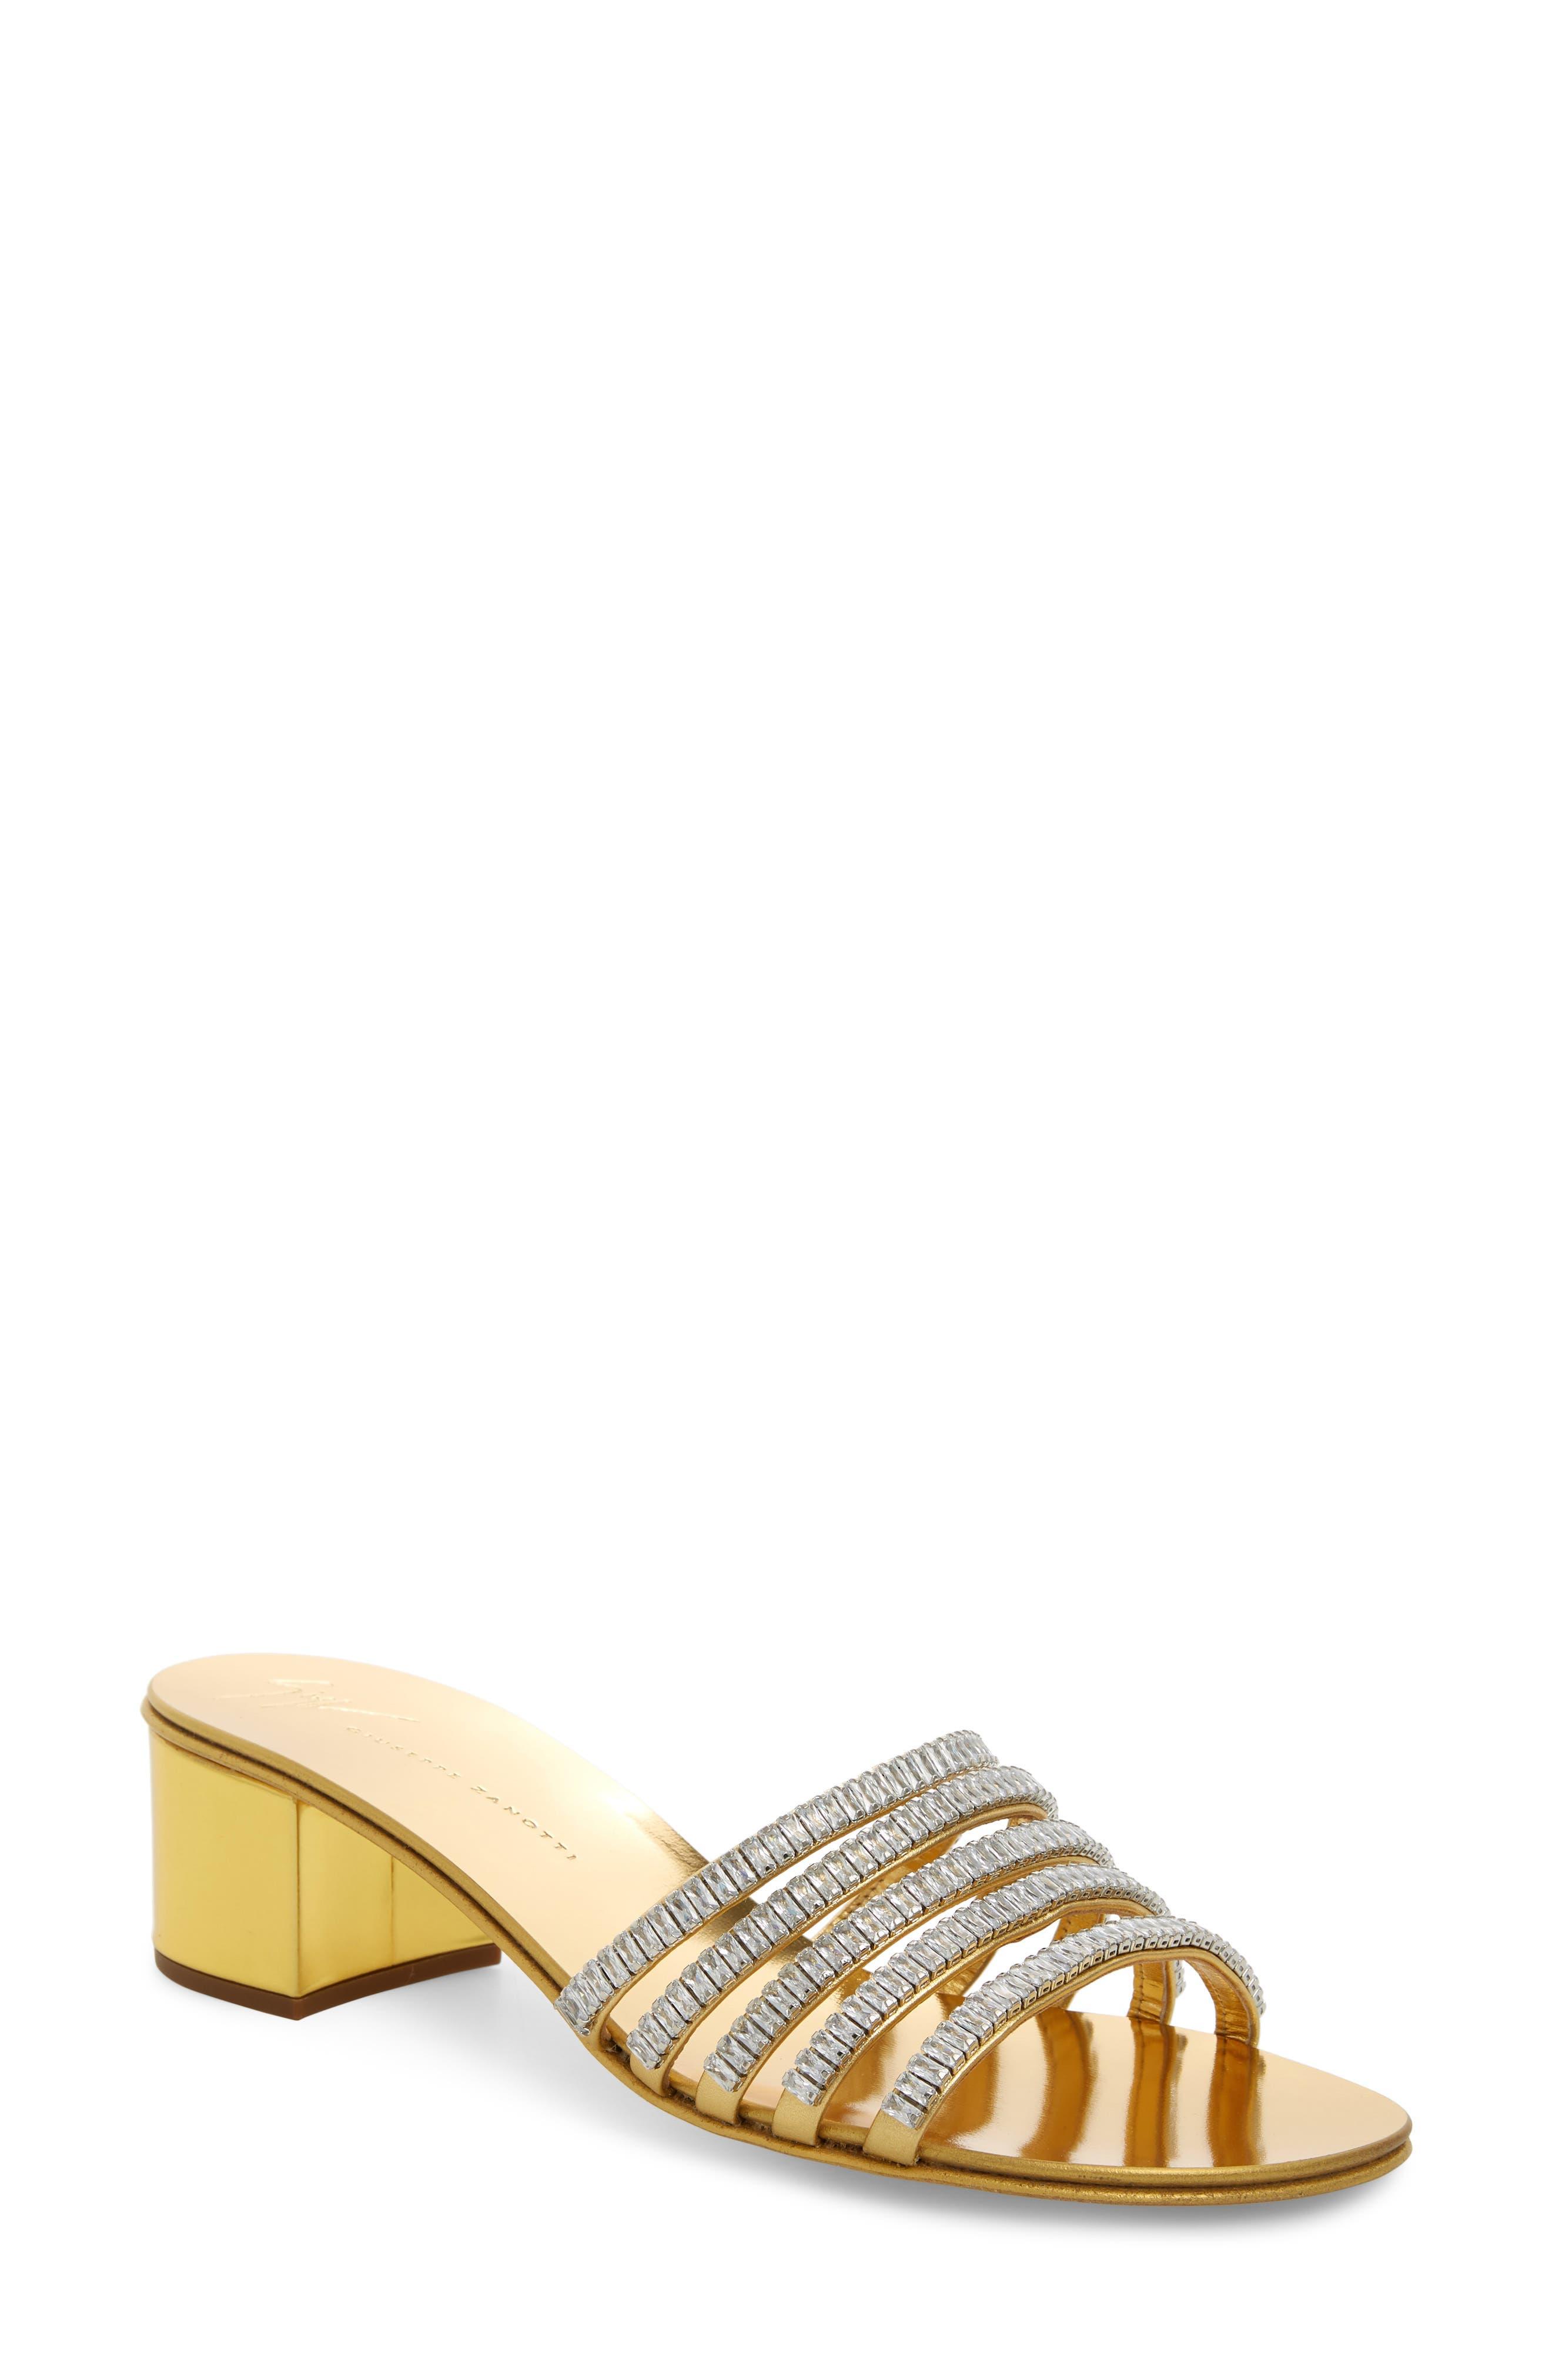 Crystal Embellished Slide Sandal, Main, color, GOLD